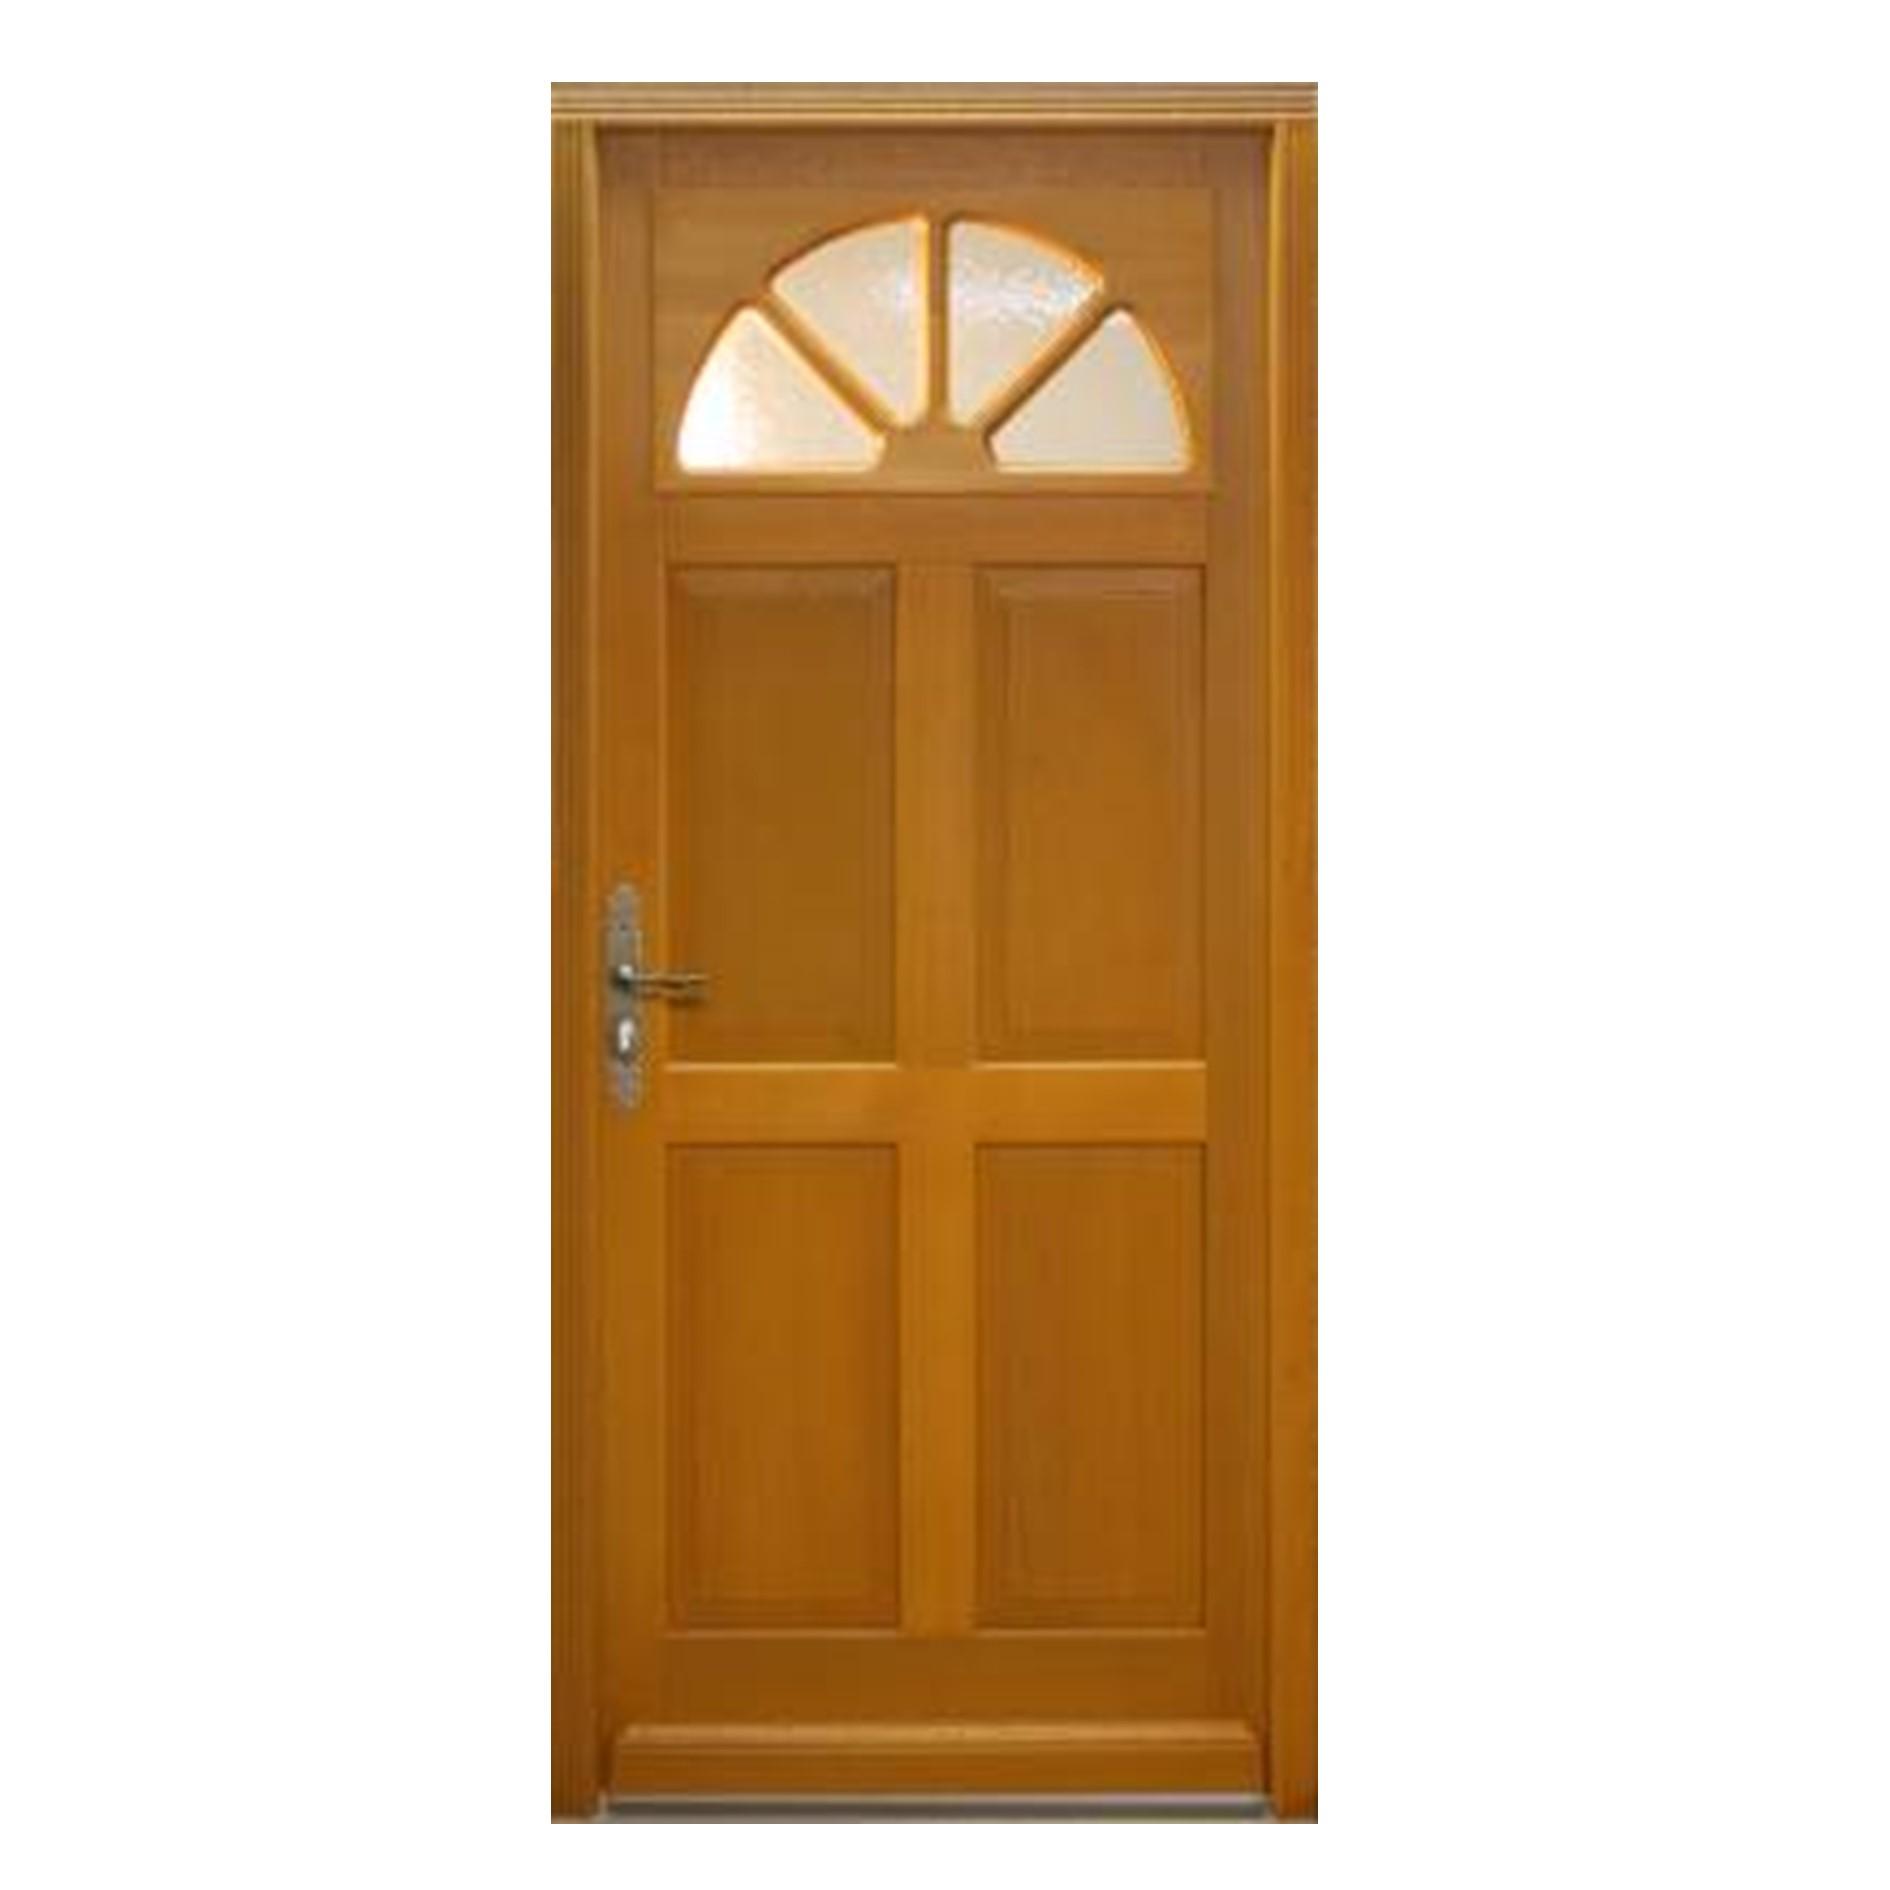 Porte d 39 entr e droite bois exotique meranti mod le fi 215 x 90cm brevon - Traitement bois exotique ...